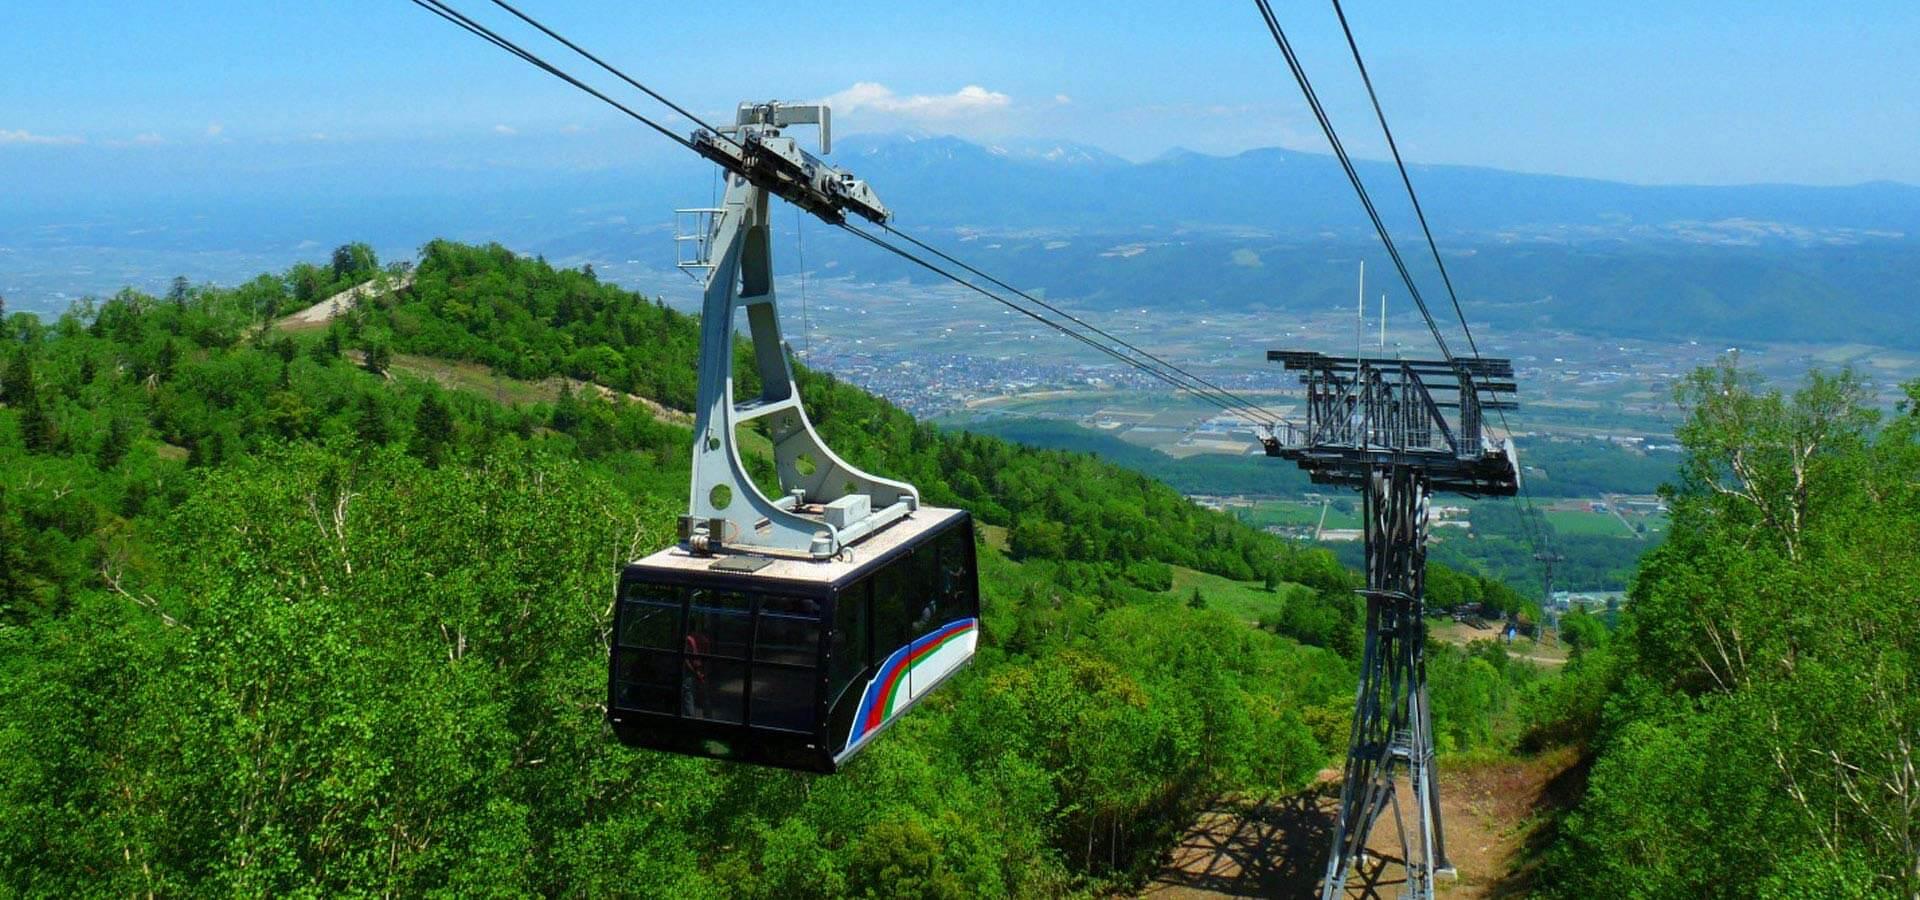 Furano Ropeway (Cable Car)